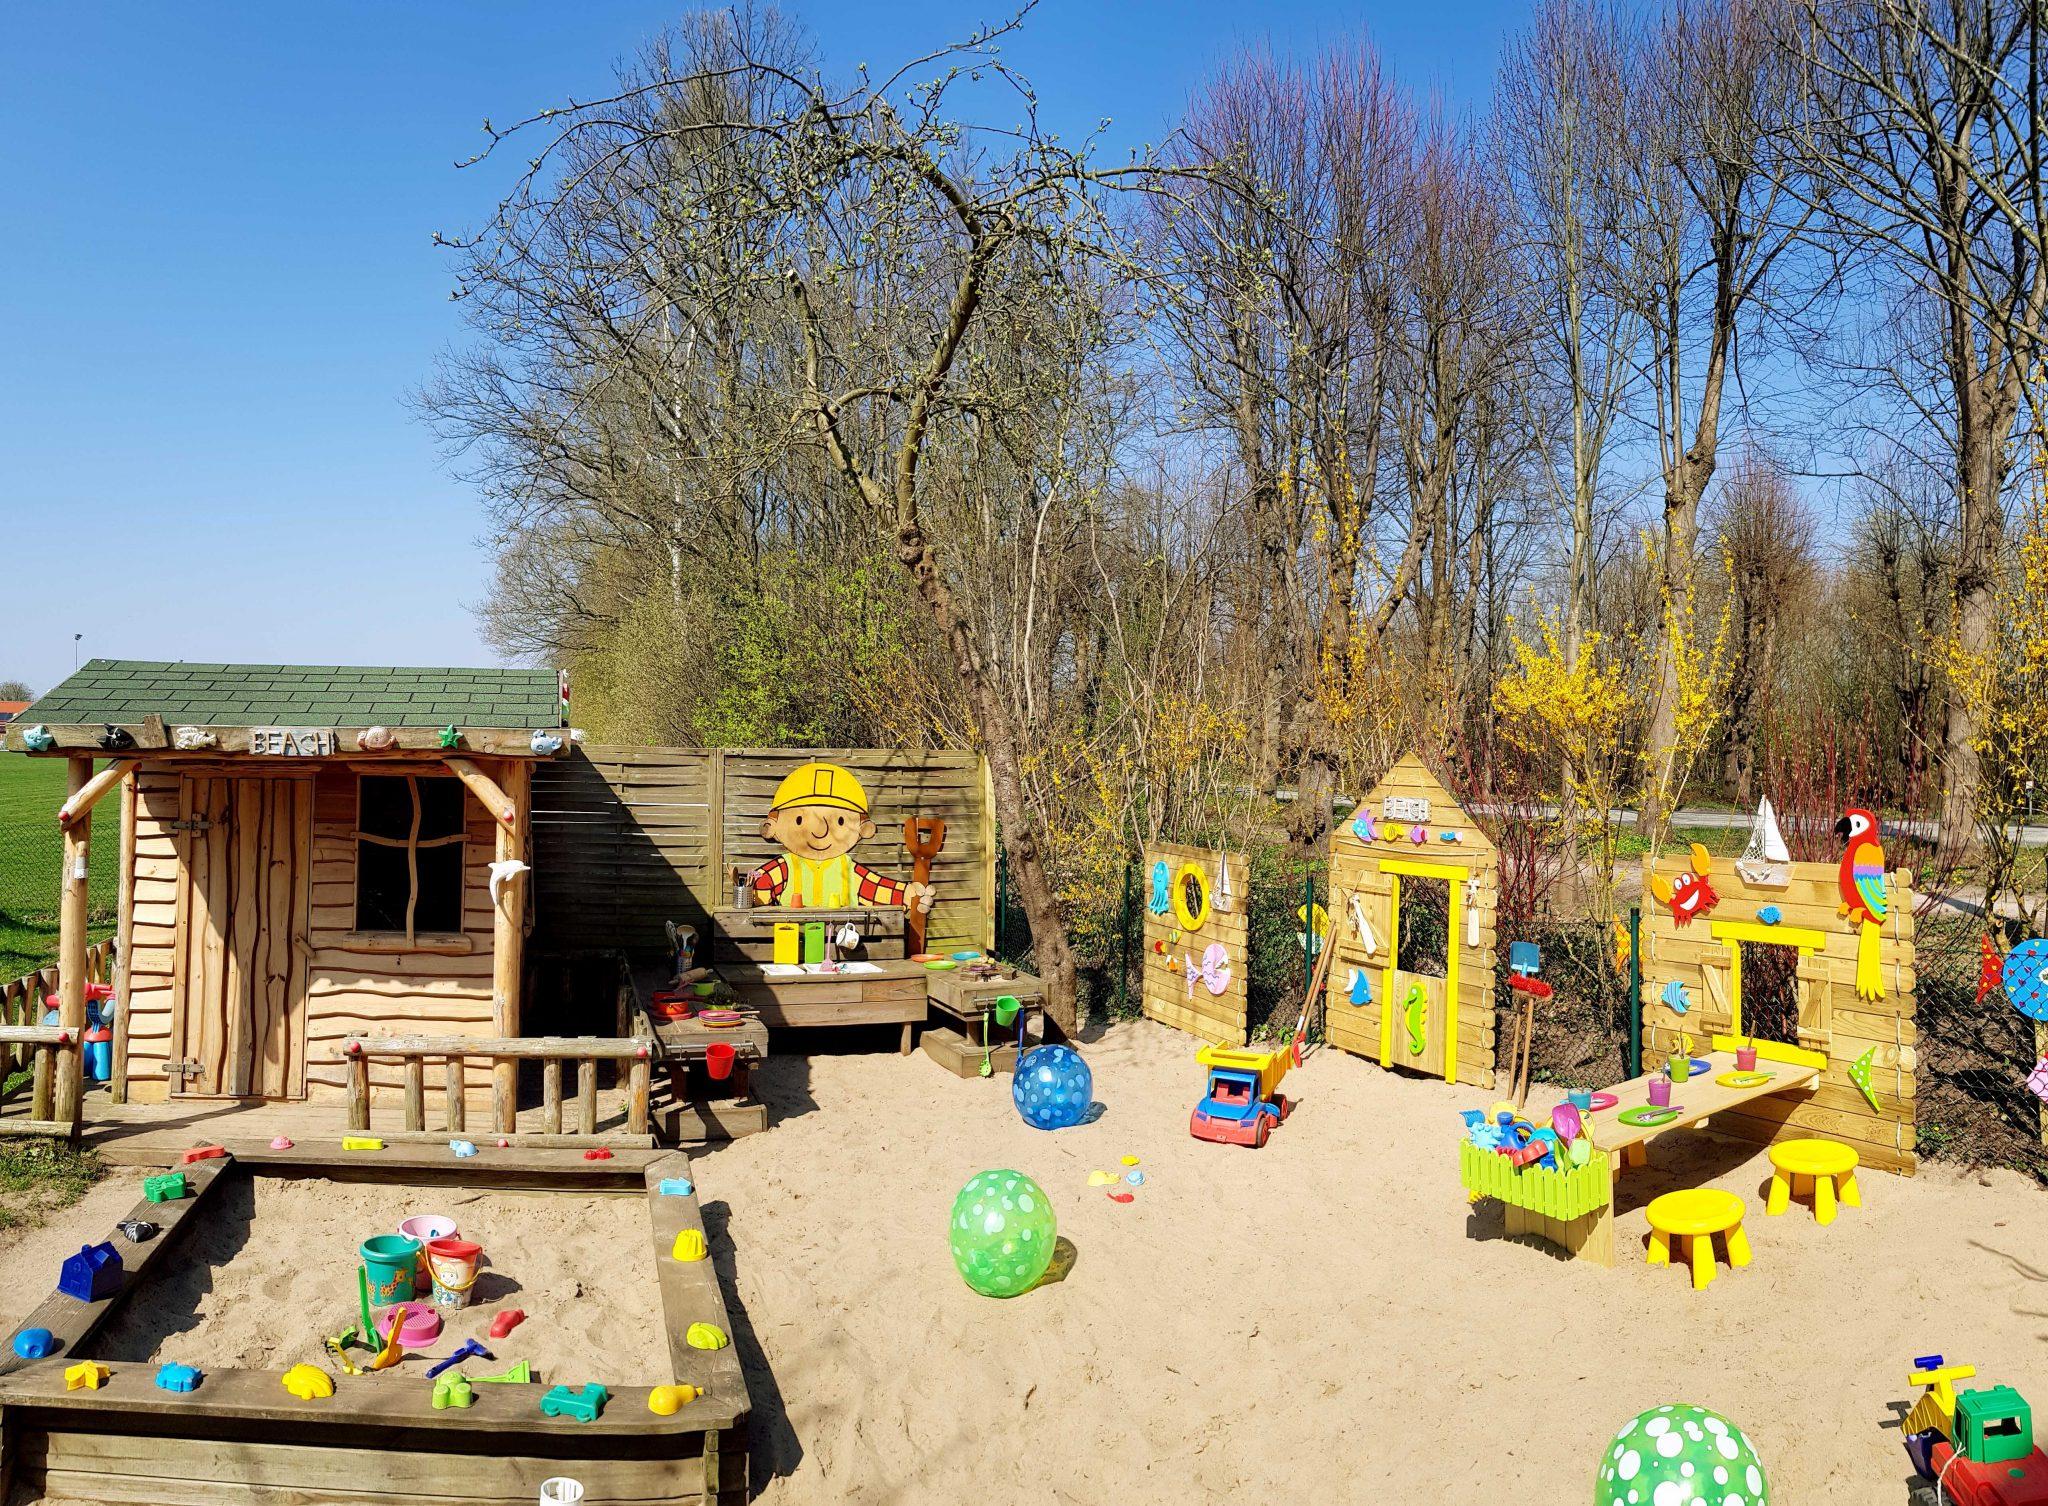 Kita Kid Zone Kinderbetreuung Garten1 22 - Obst- und Erlebnisgarten